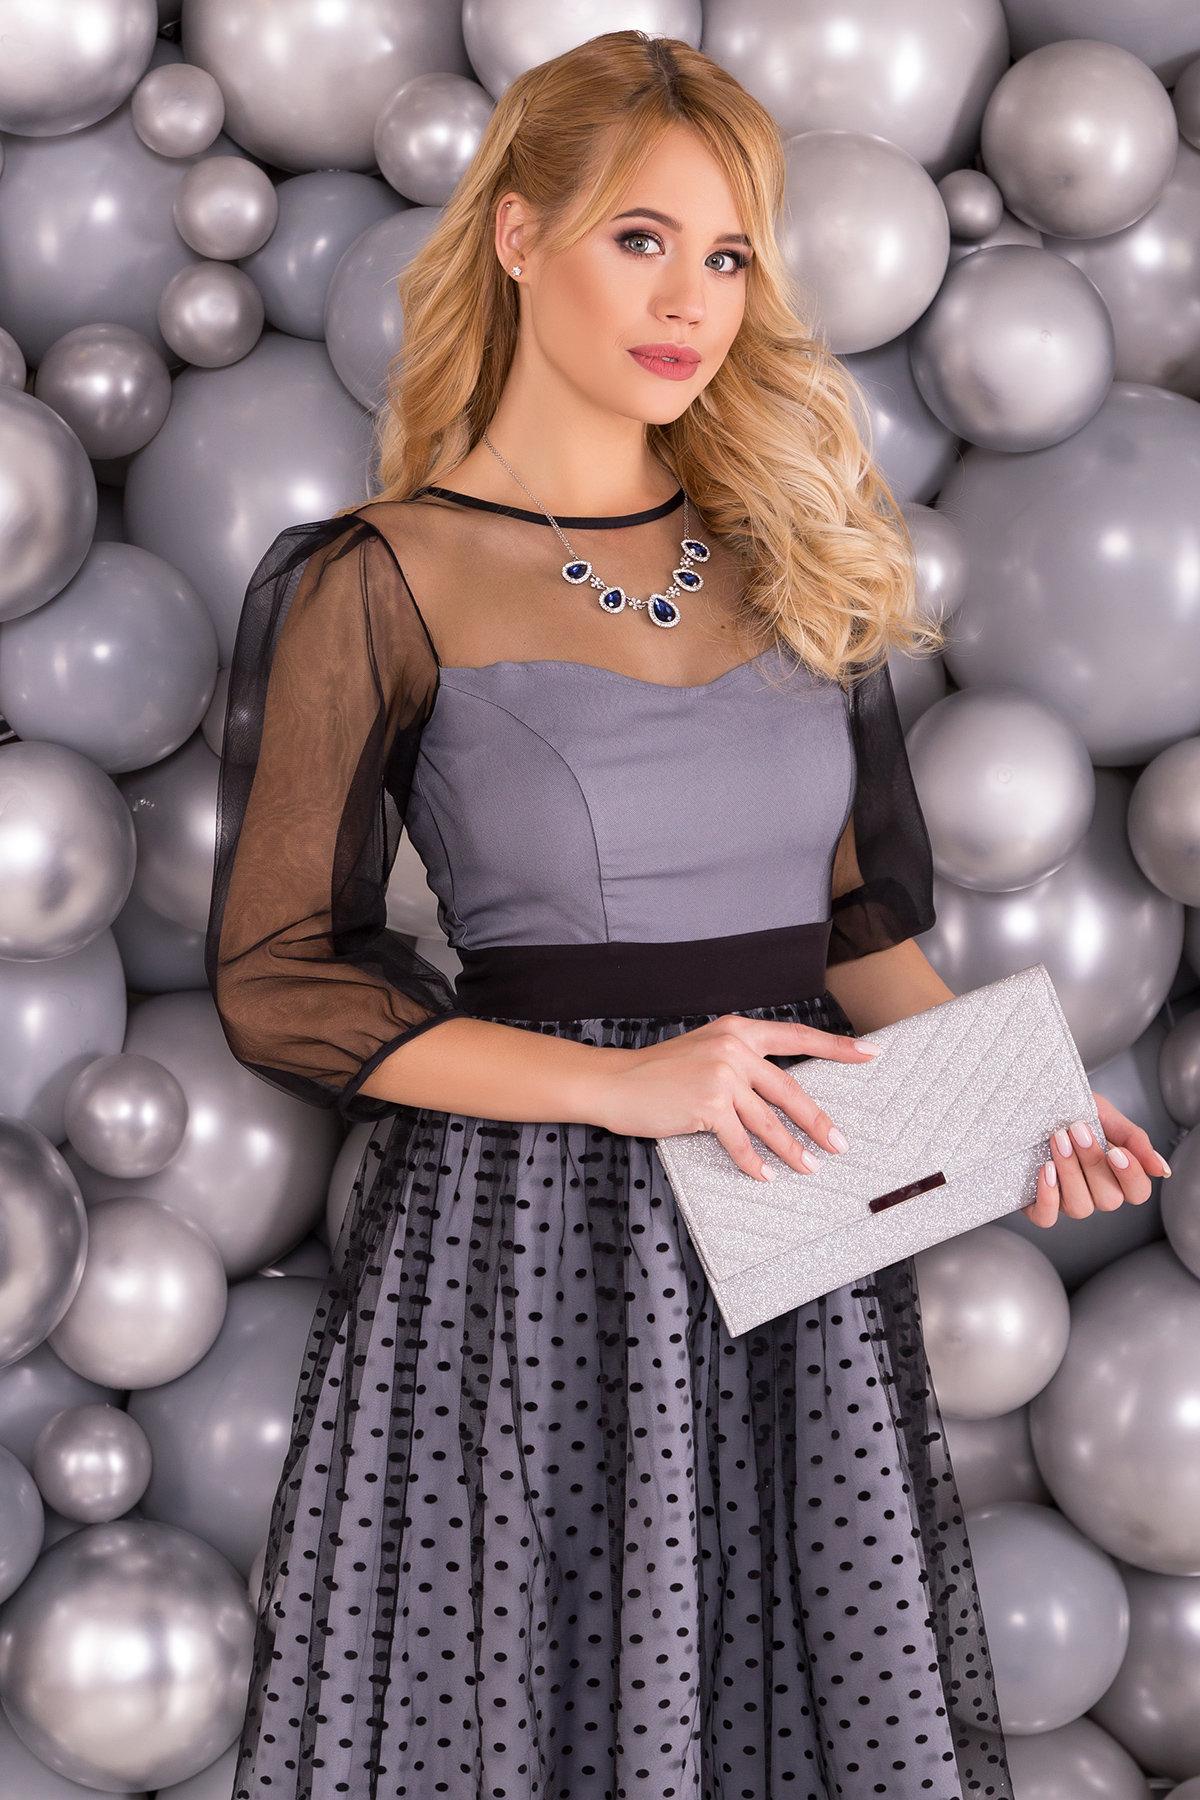 Платье с сеткой сверху Кароль 6062 Цвет: Серый/черн горох  средний